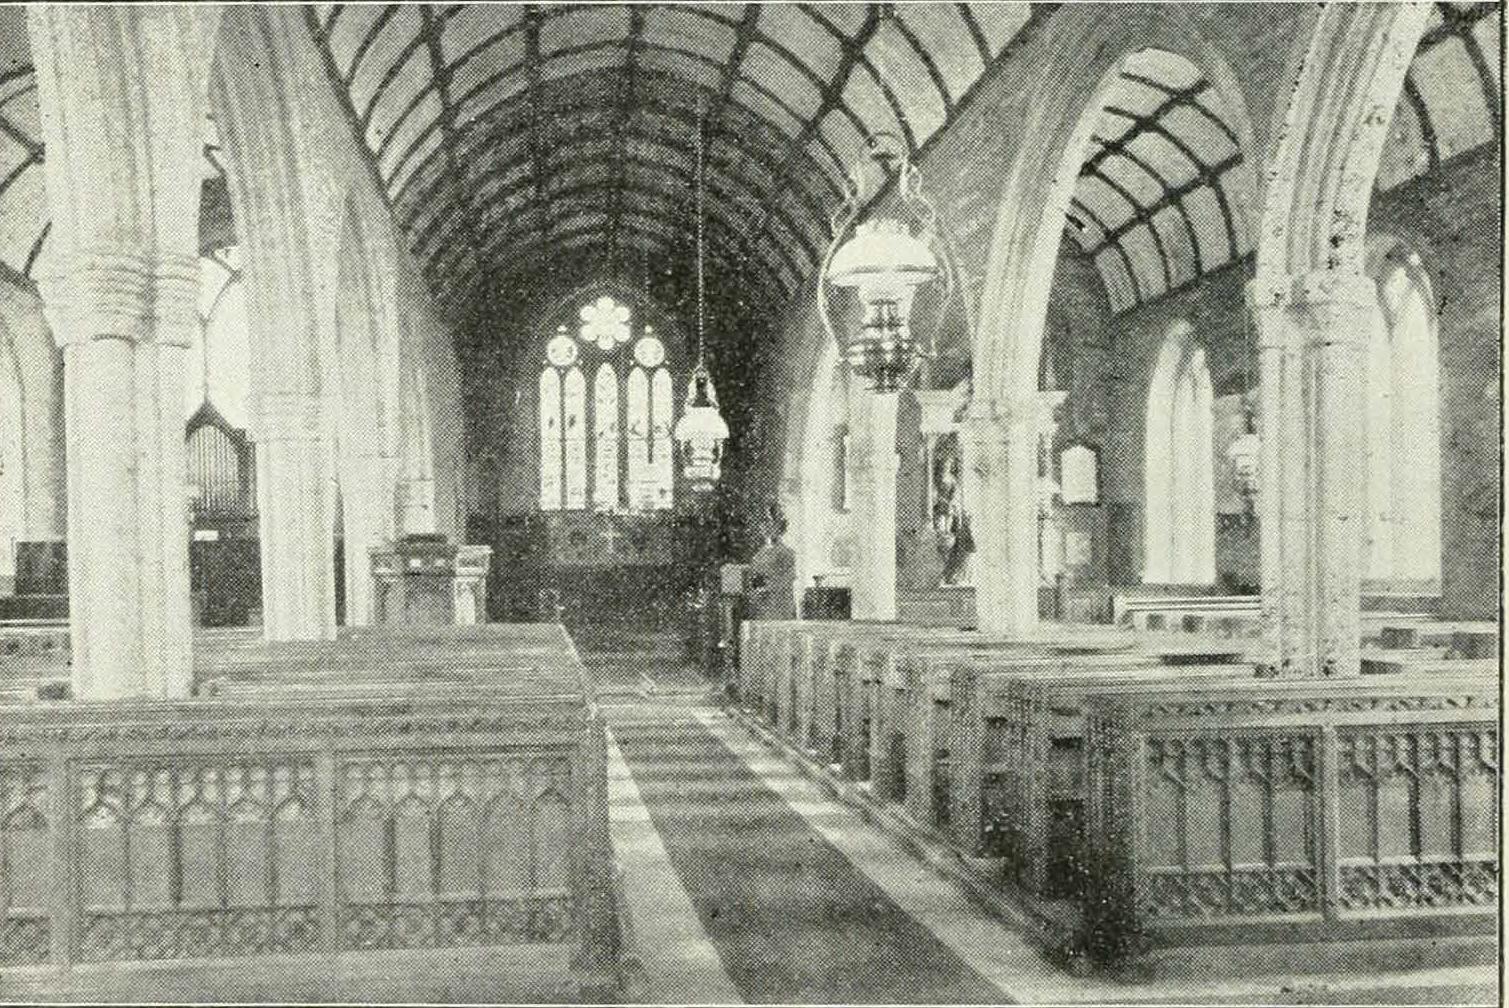 North Hill Church interior in 1900